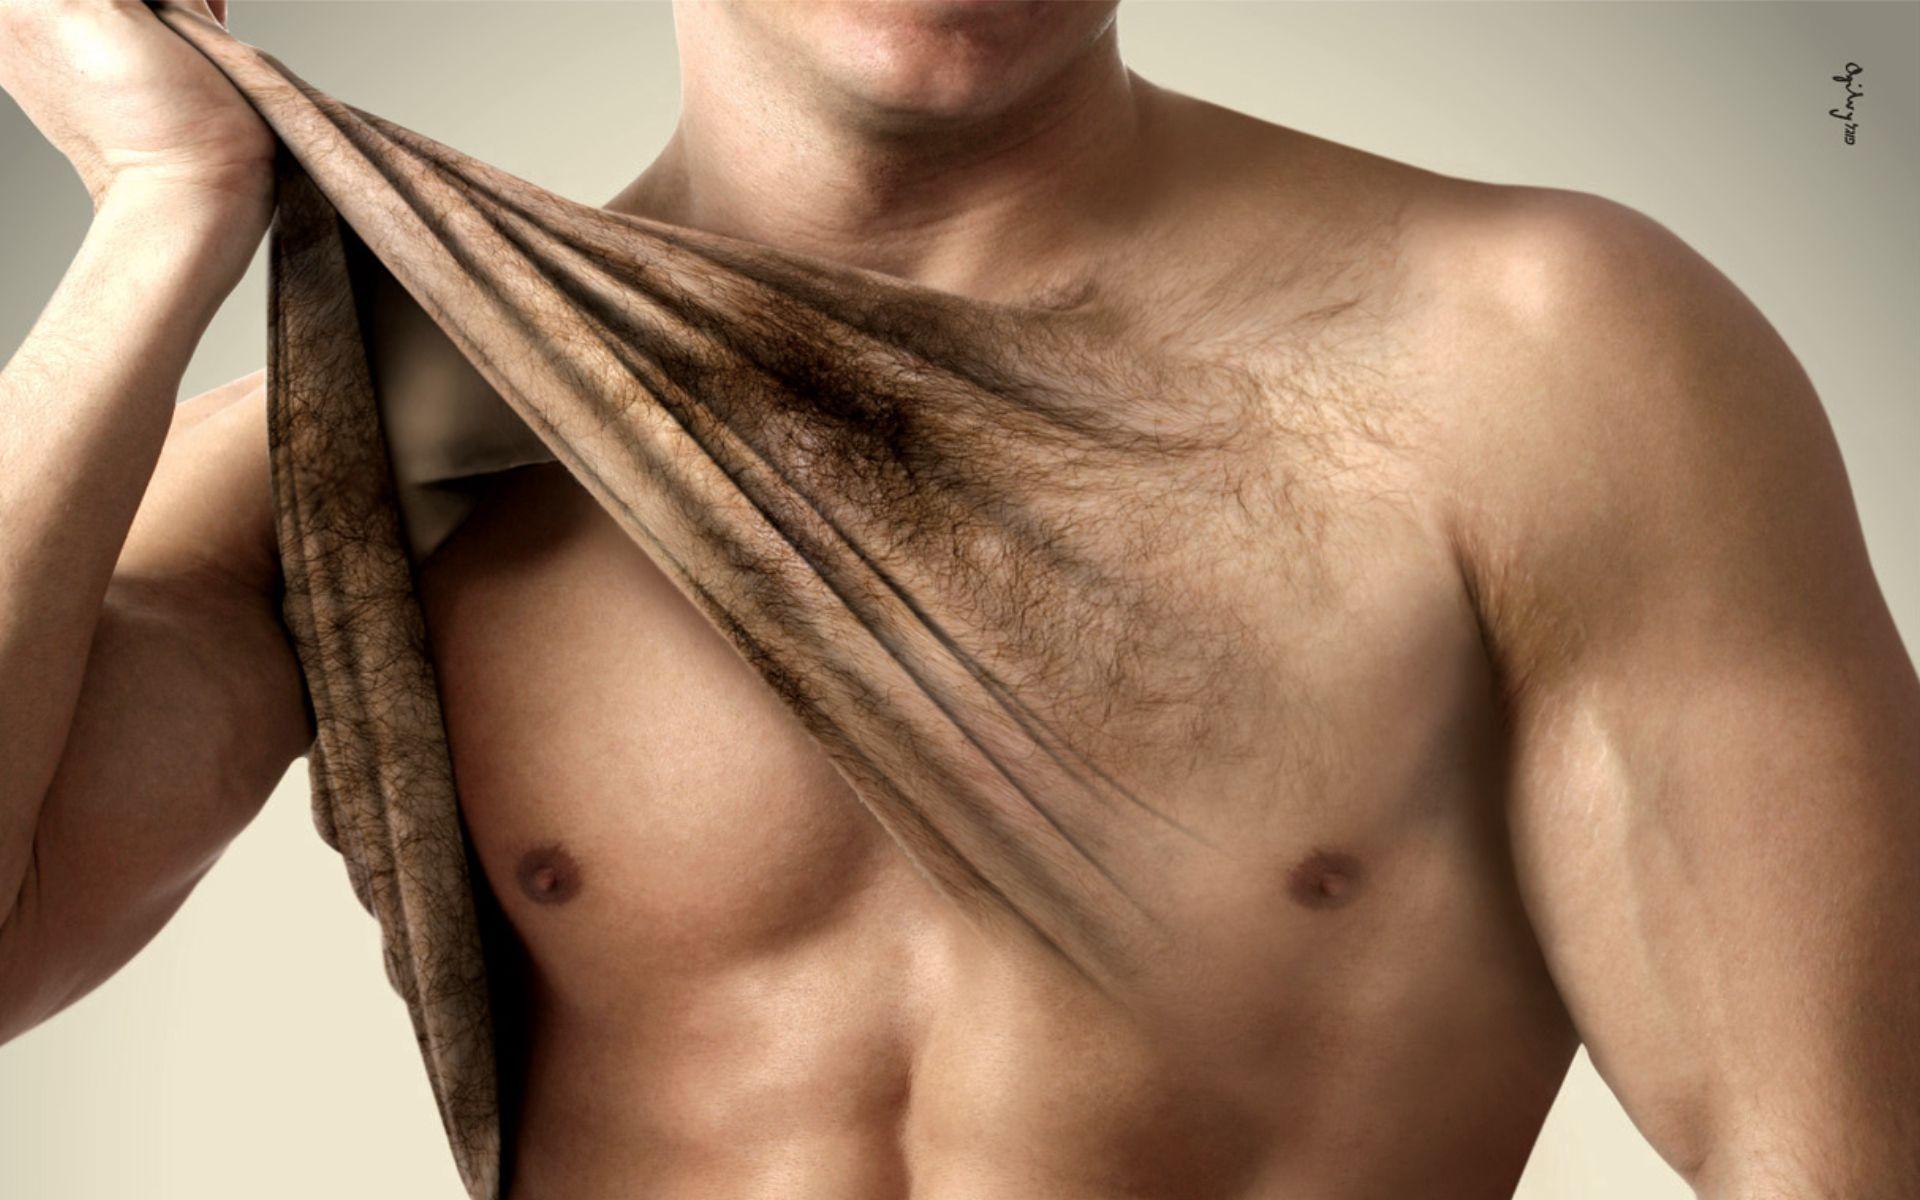 удаление волос навсегда владивосток